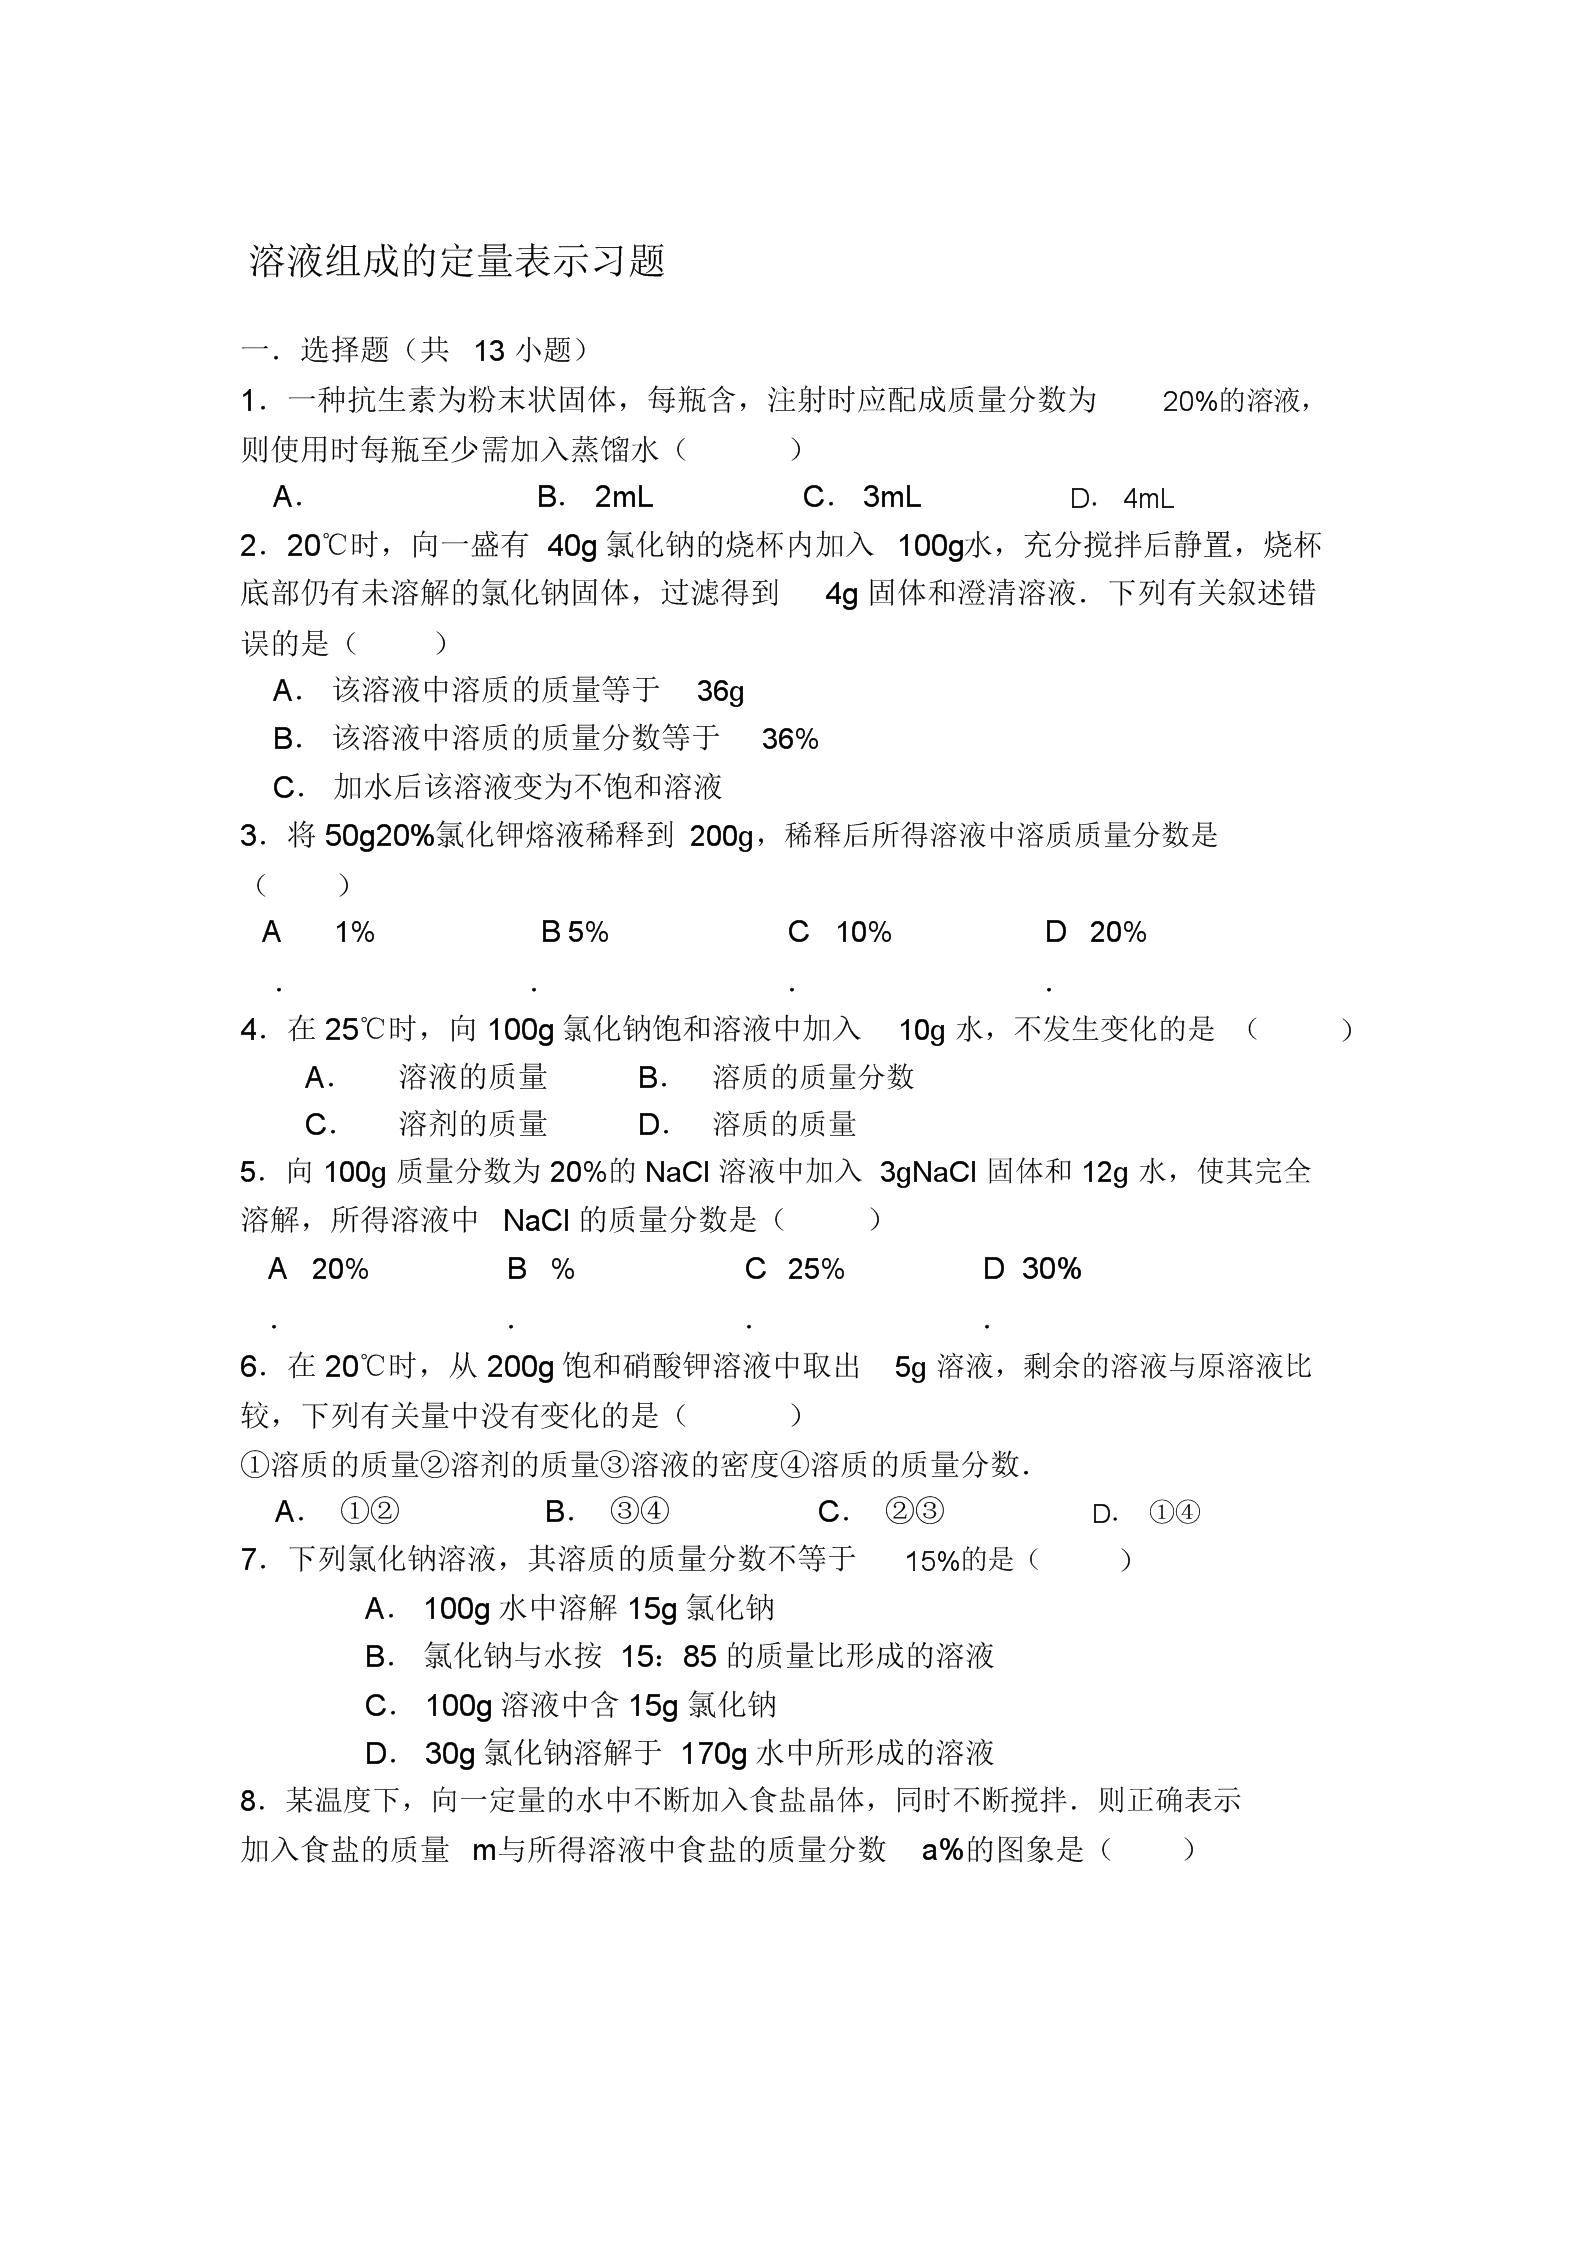 《溶液组成的定量表示》试卷试题.doc